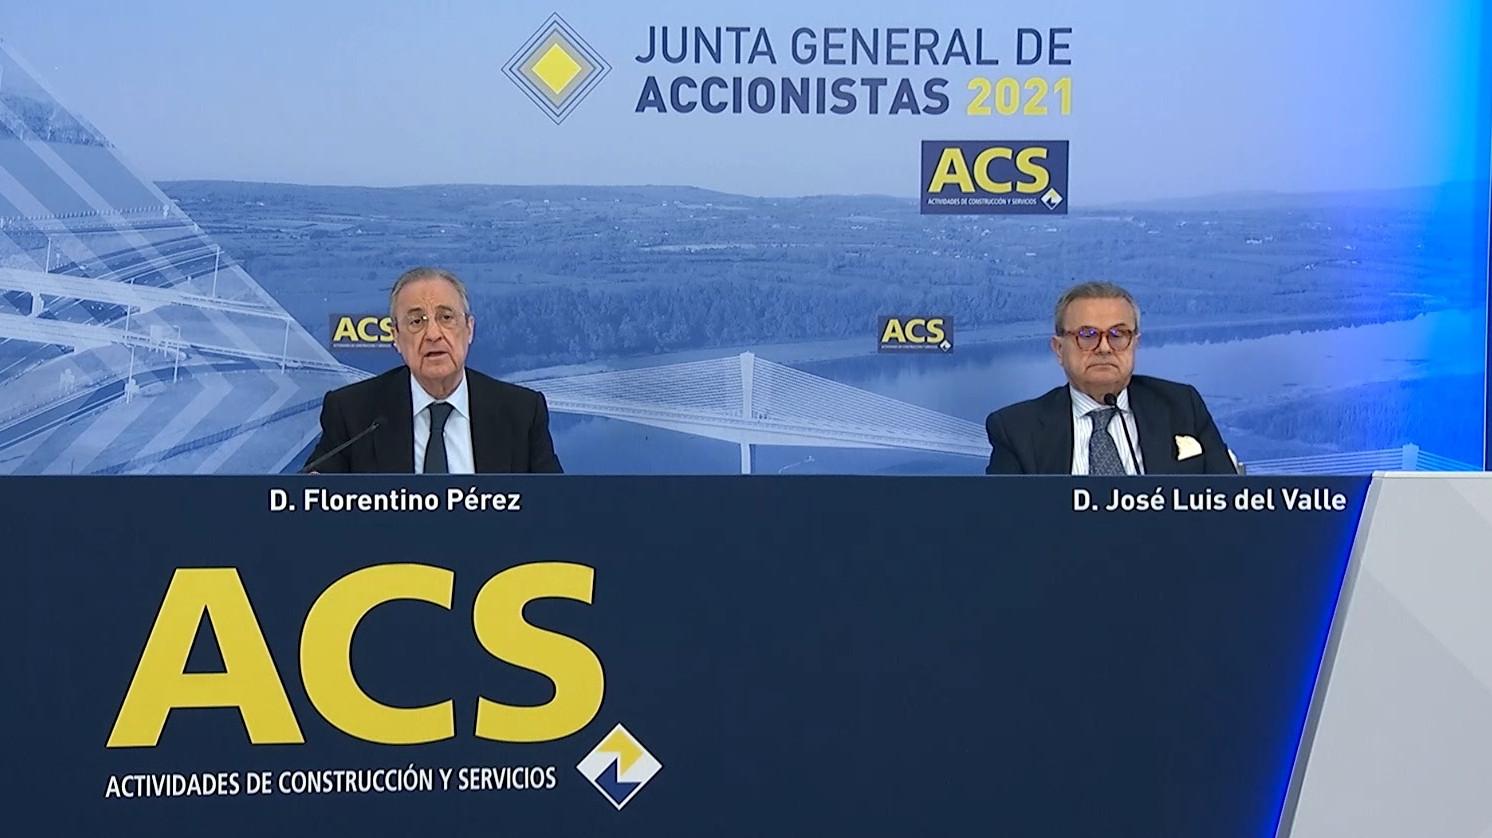 La mitad de los accionistas de ACS desaprueban el salario del consejo de Florentino Pérez